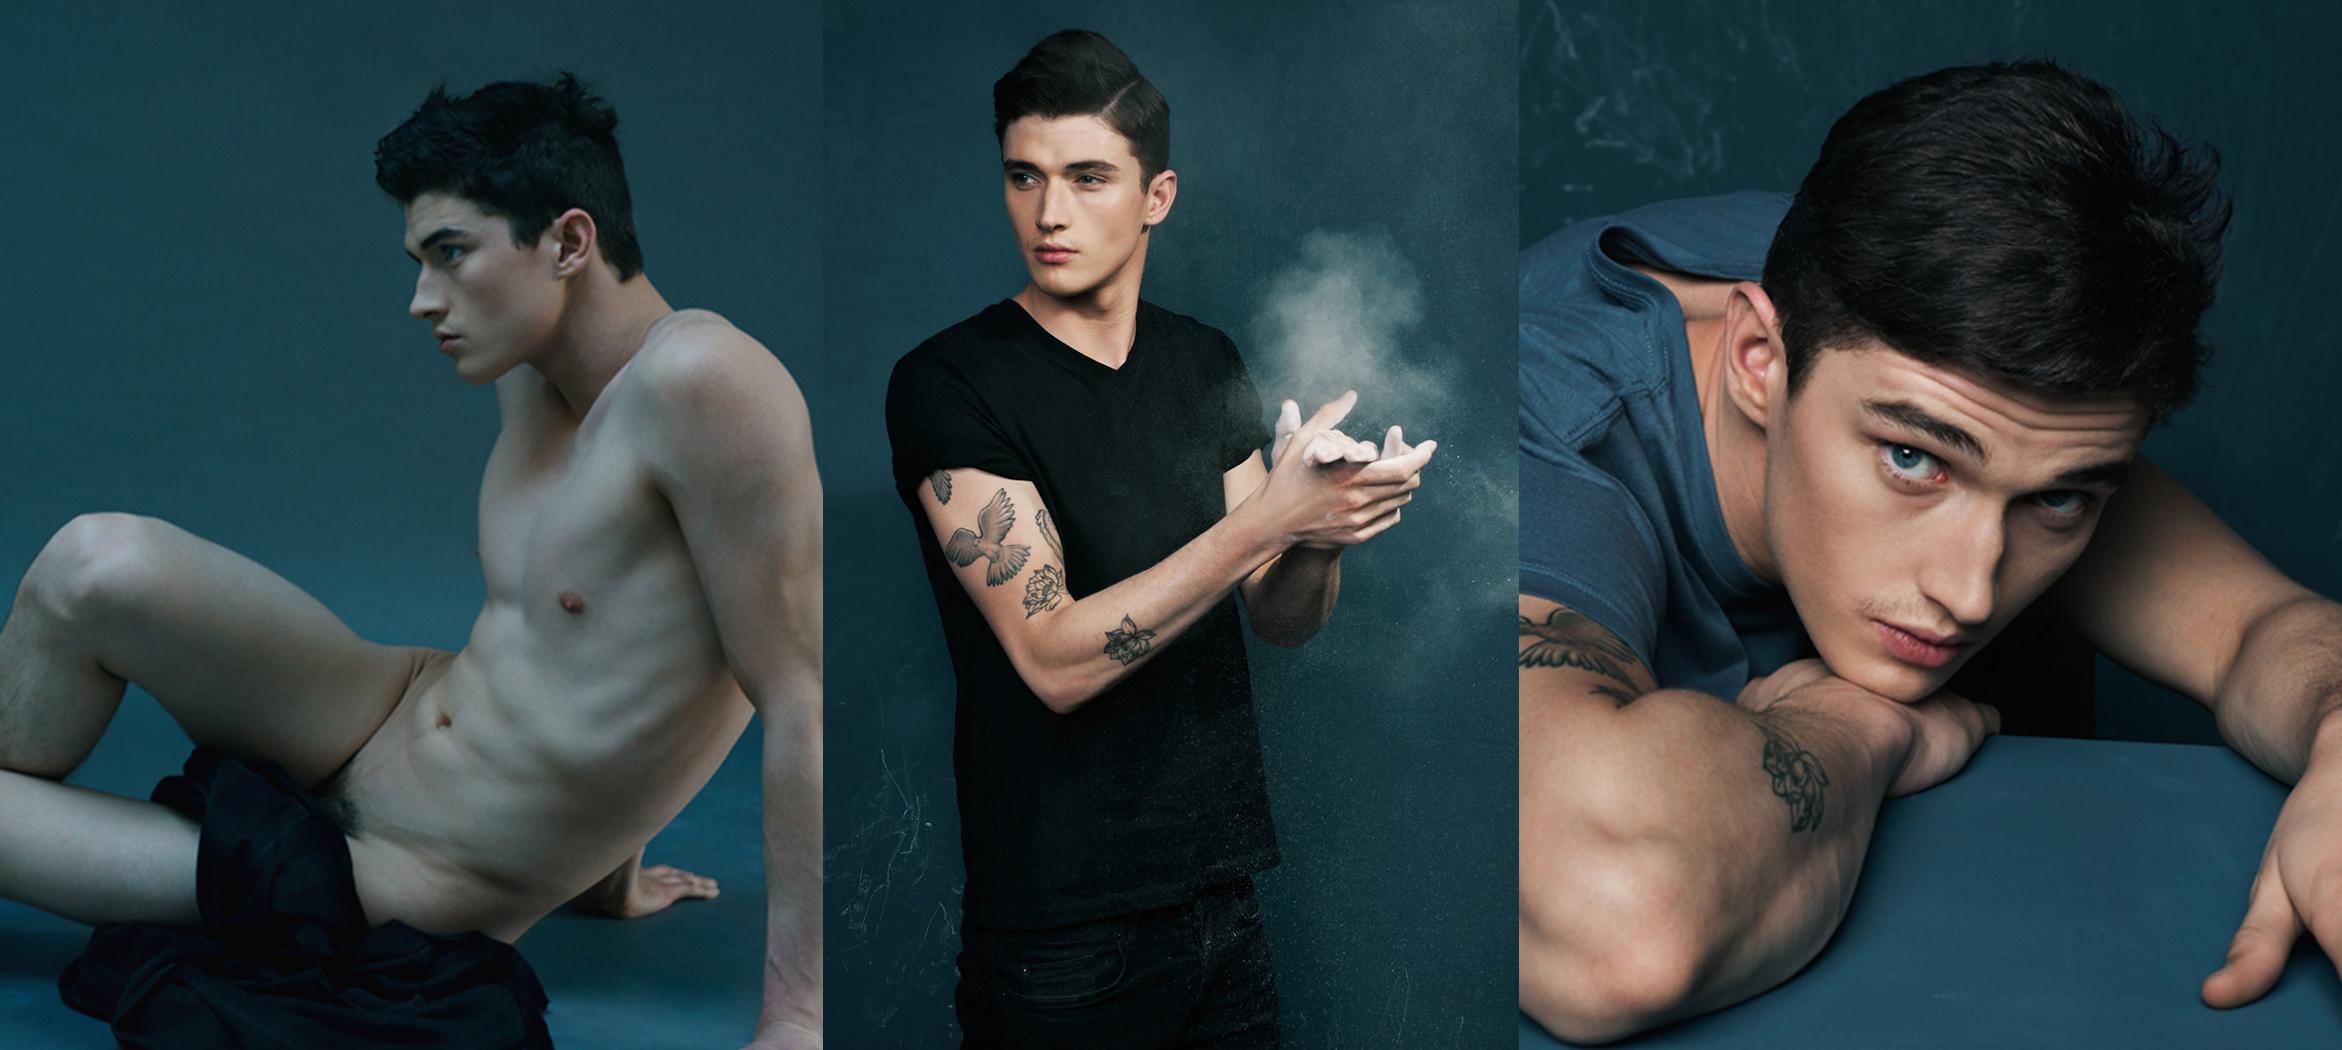 Las mejores fotos de Matthew Holt desnudo